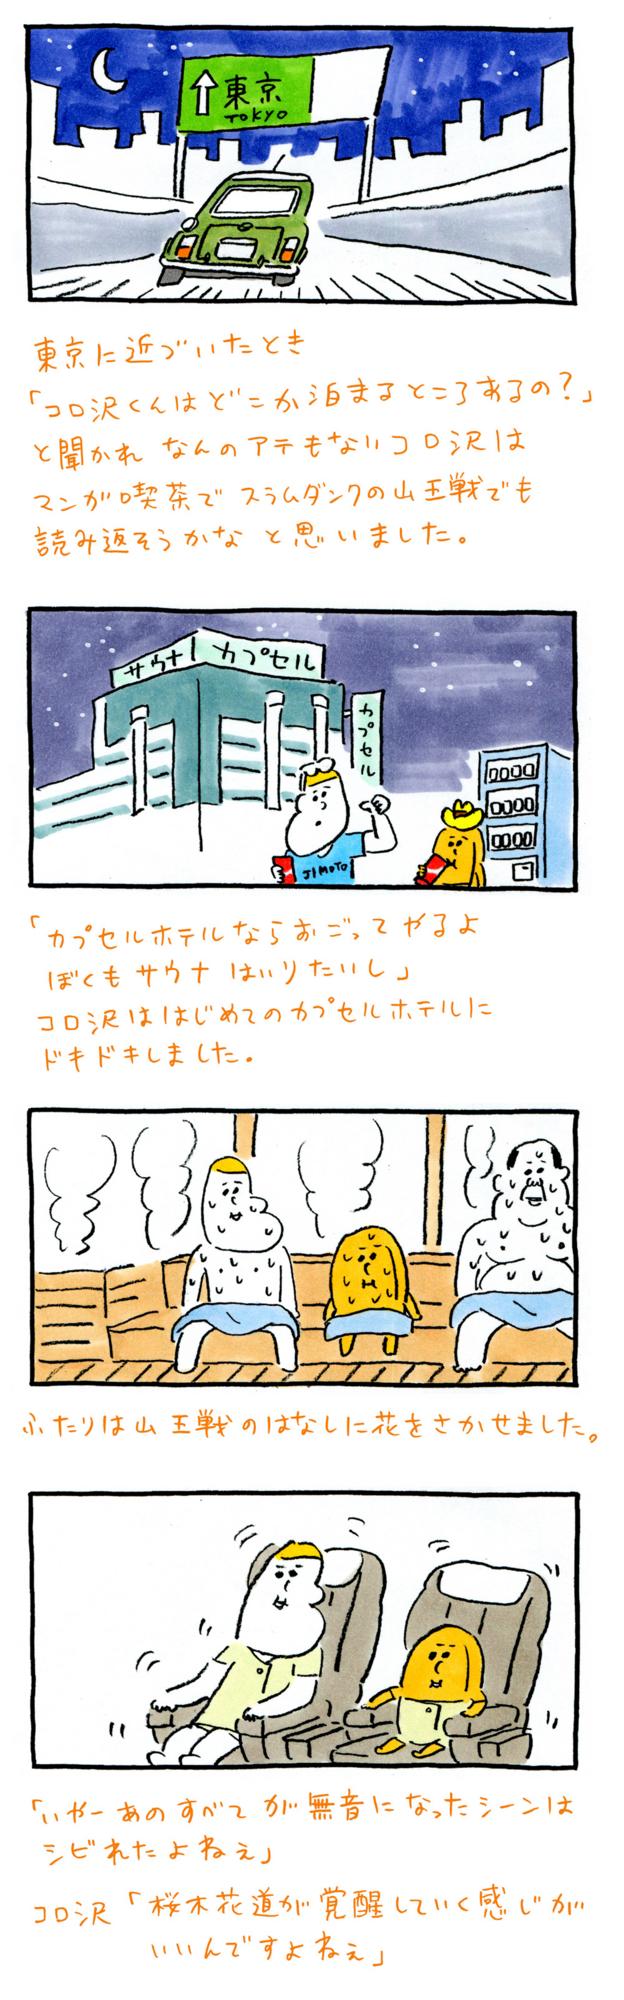 f:id:kakijiro:20151013114826j:plain